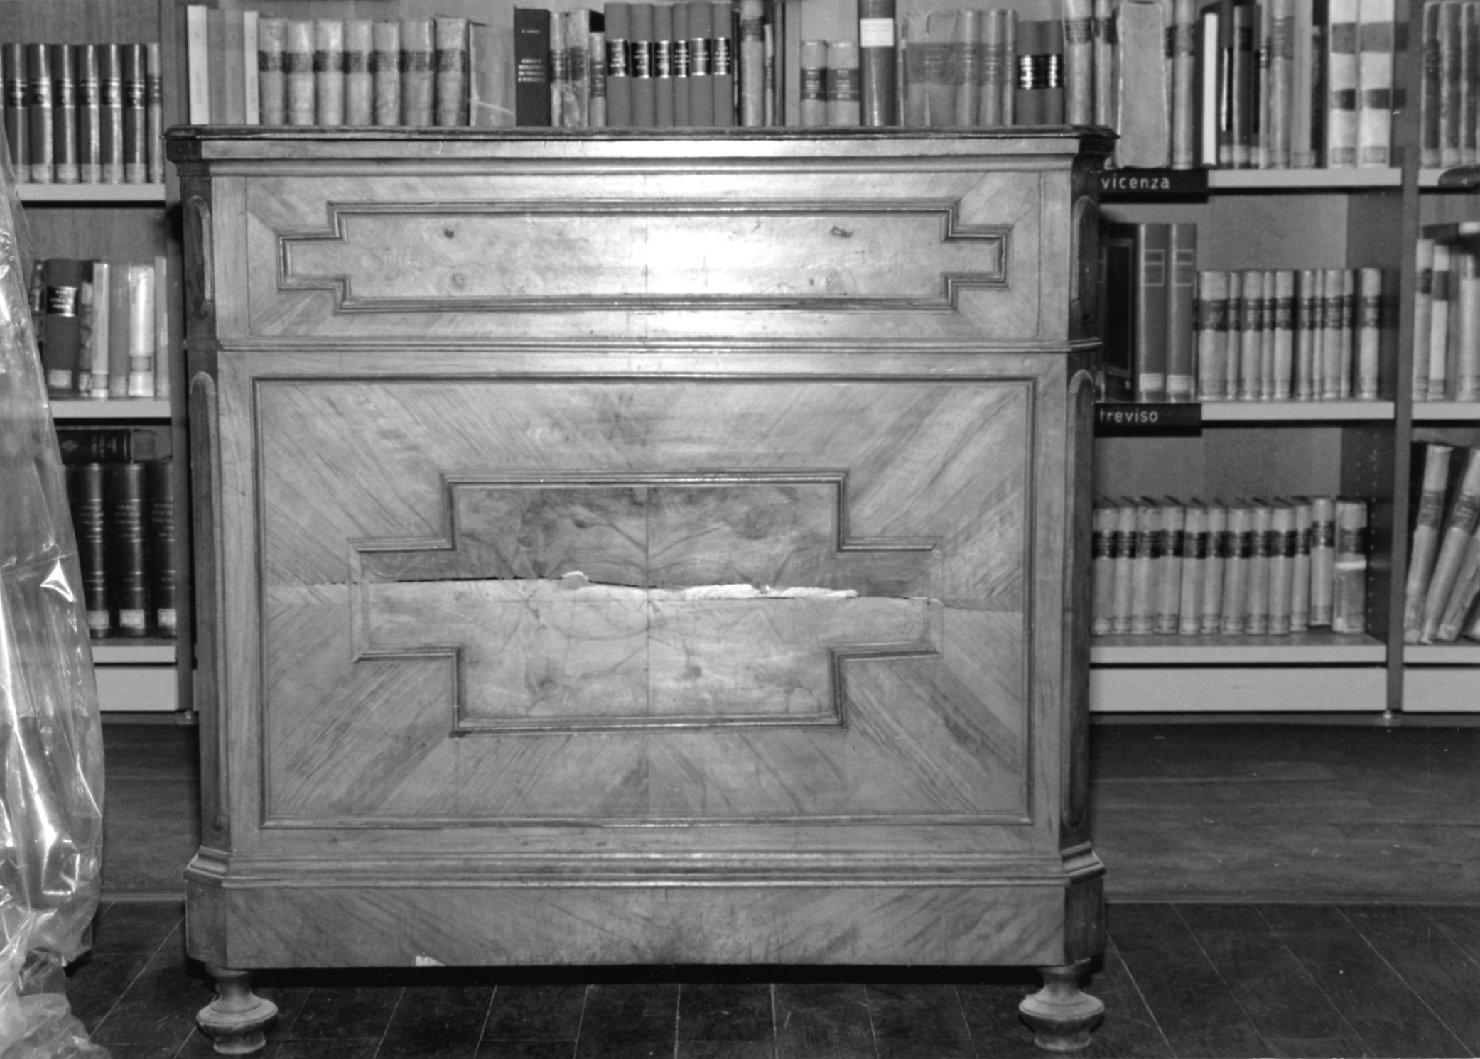 portalegna, opera isolata - manifattura Italia centro-settentrionale (sec. XIX)